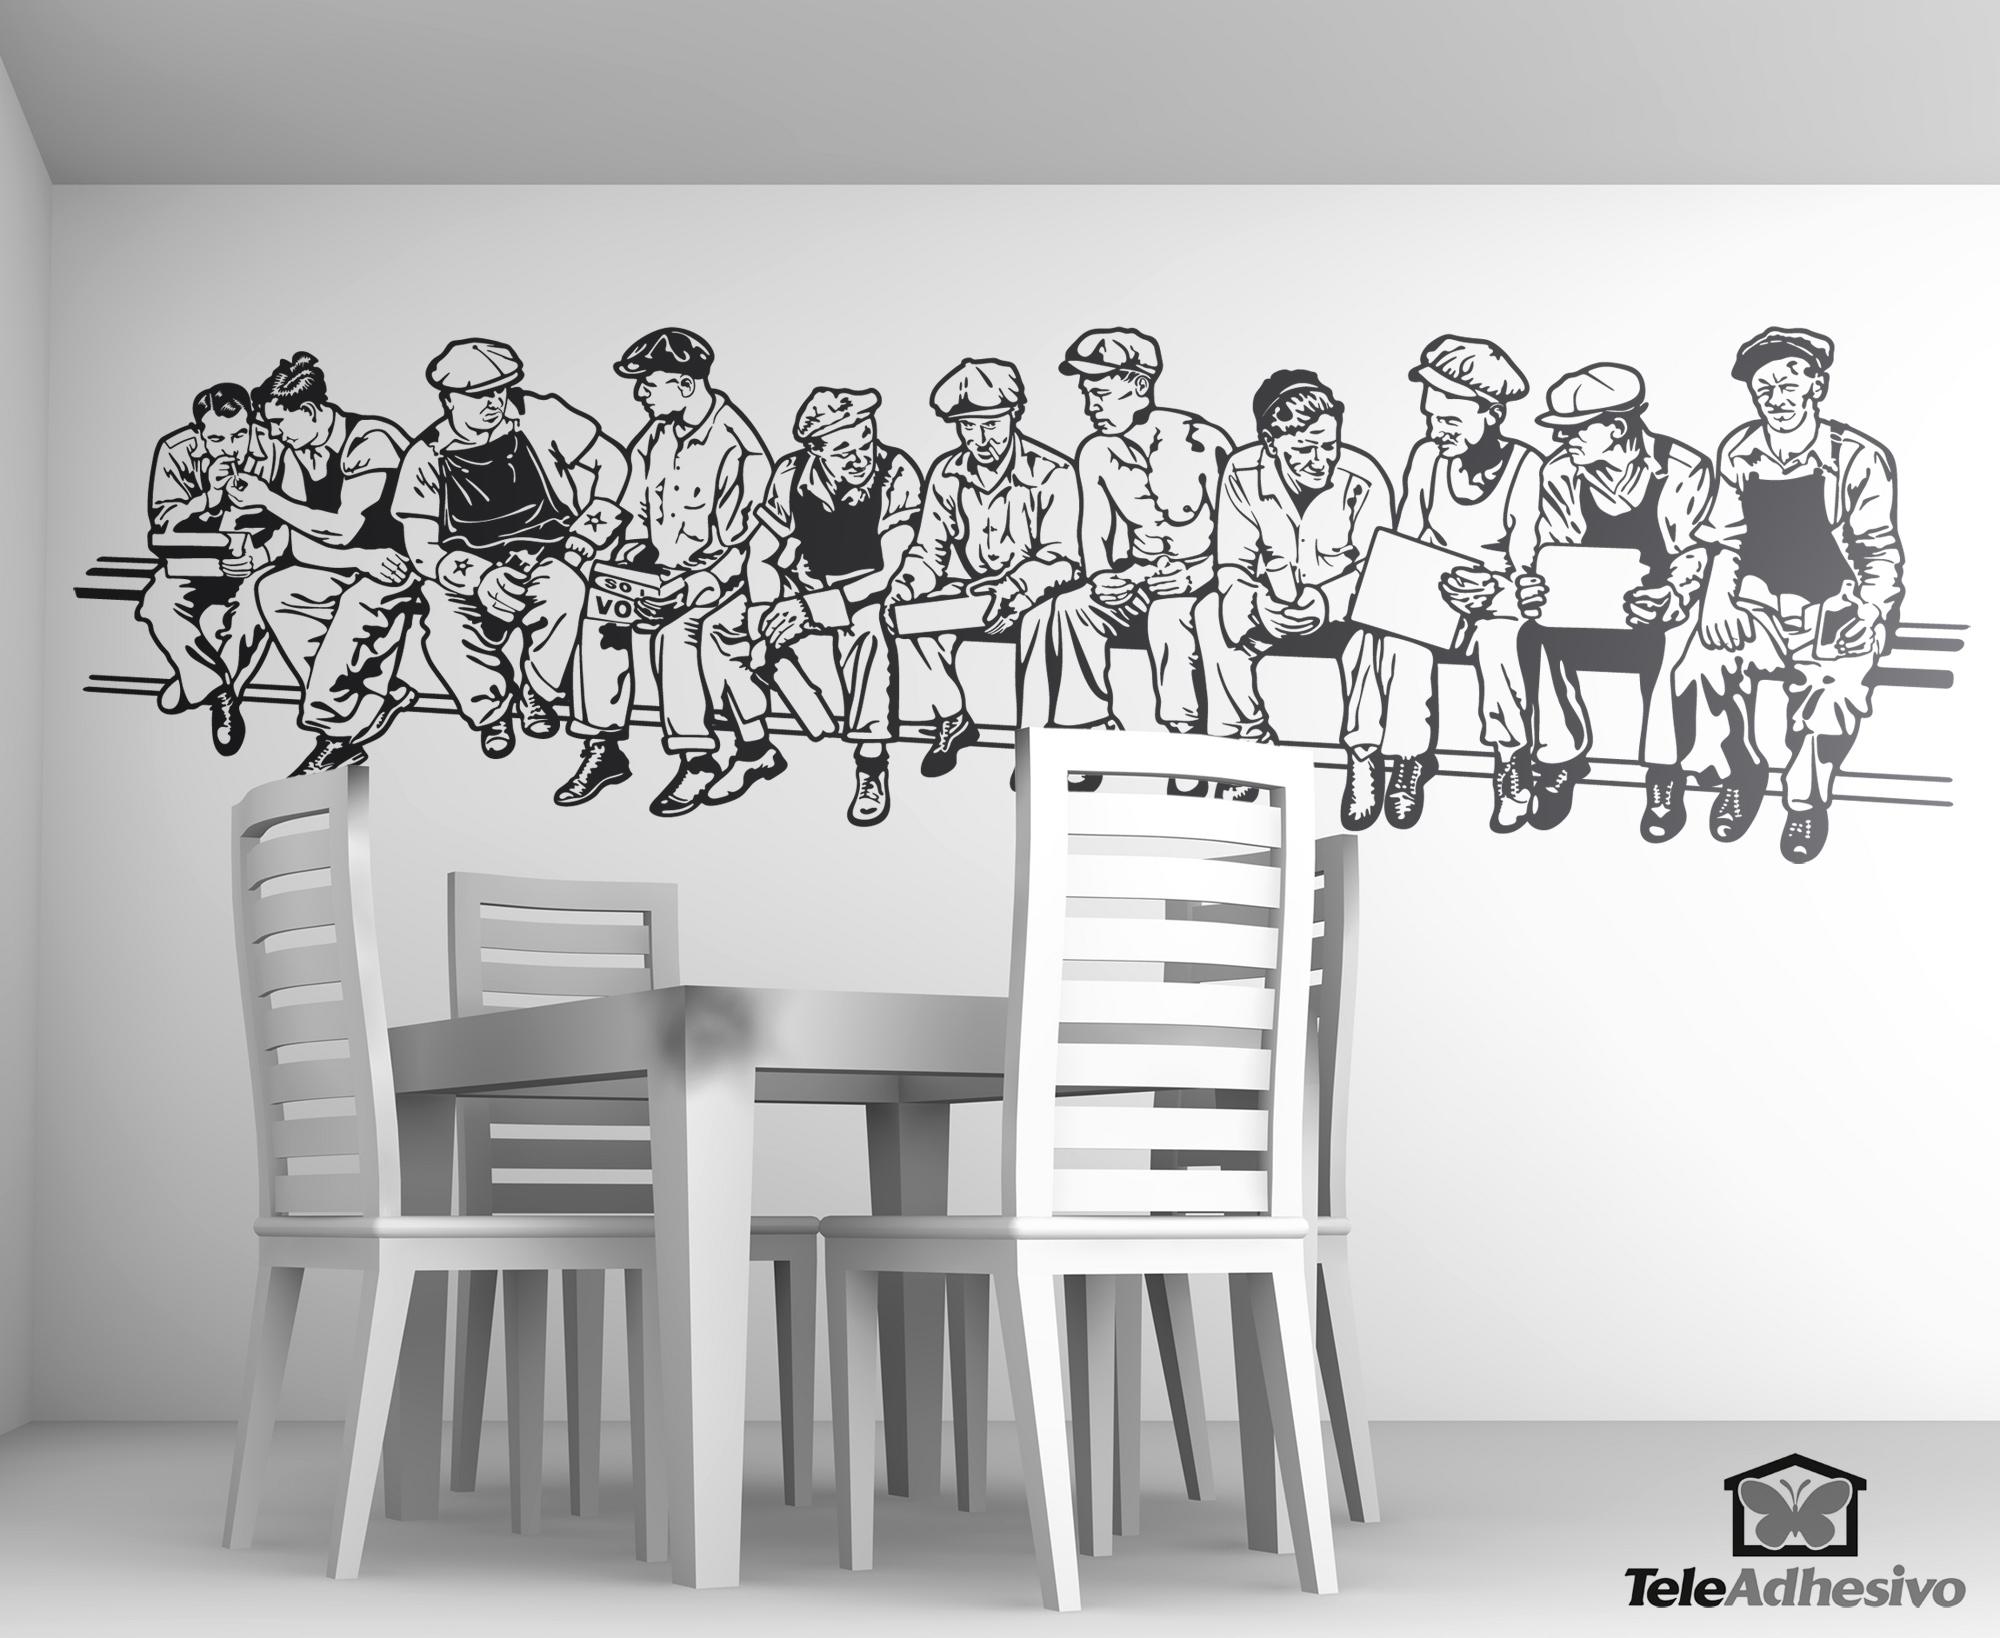 Vinilo decorativo los hombres de la viga blog teleadhesivo for Vinilos para chicos